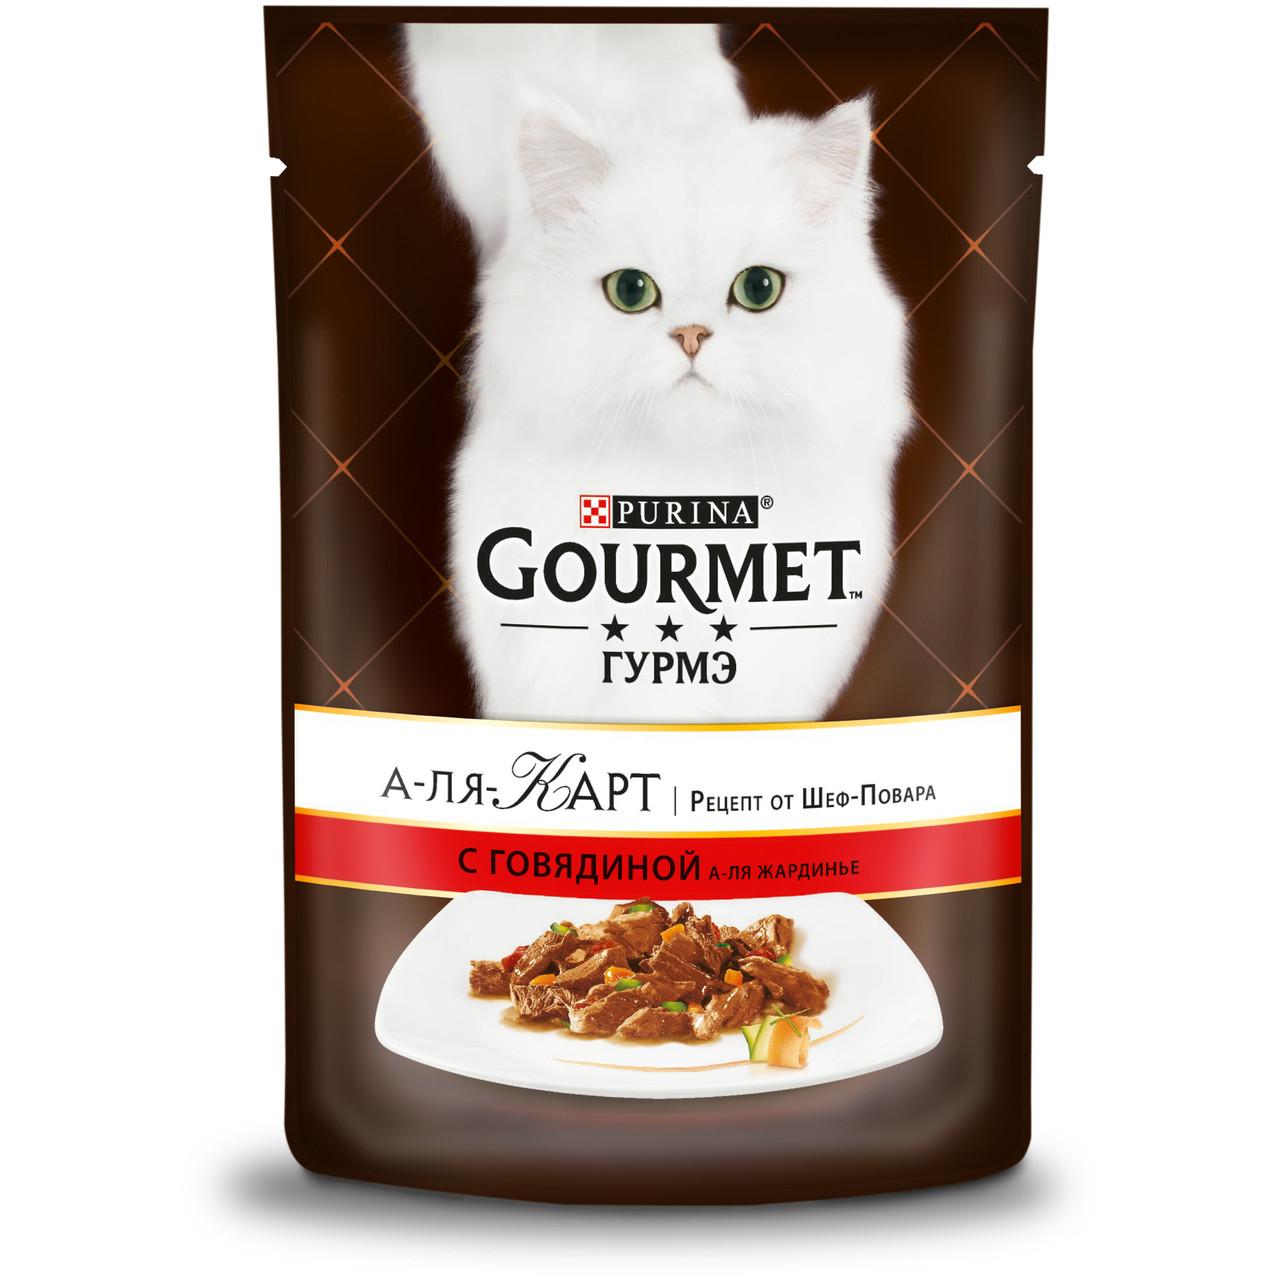 Gourmet А-ля Карт с говядиной, пауч 85гр.